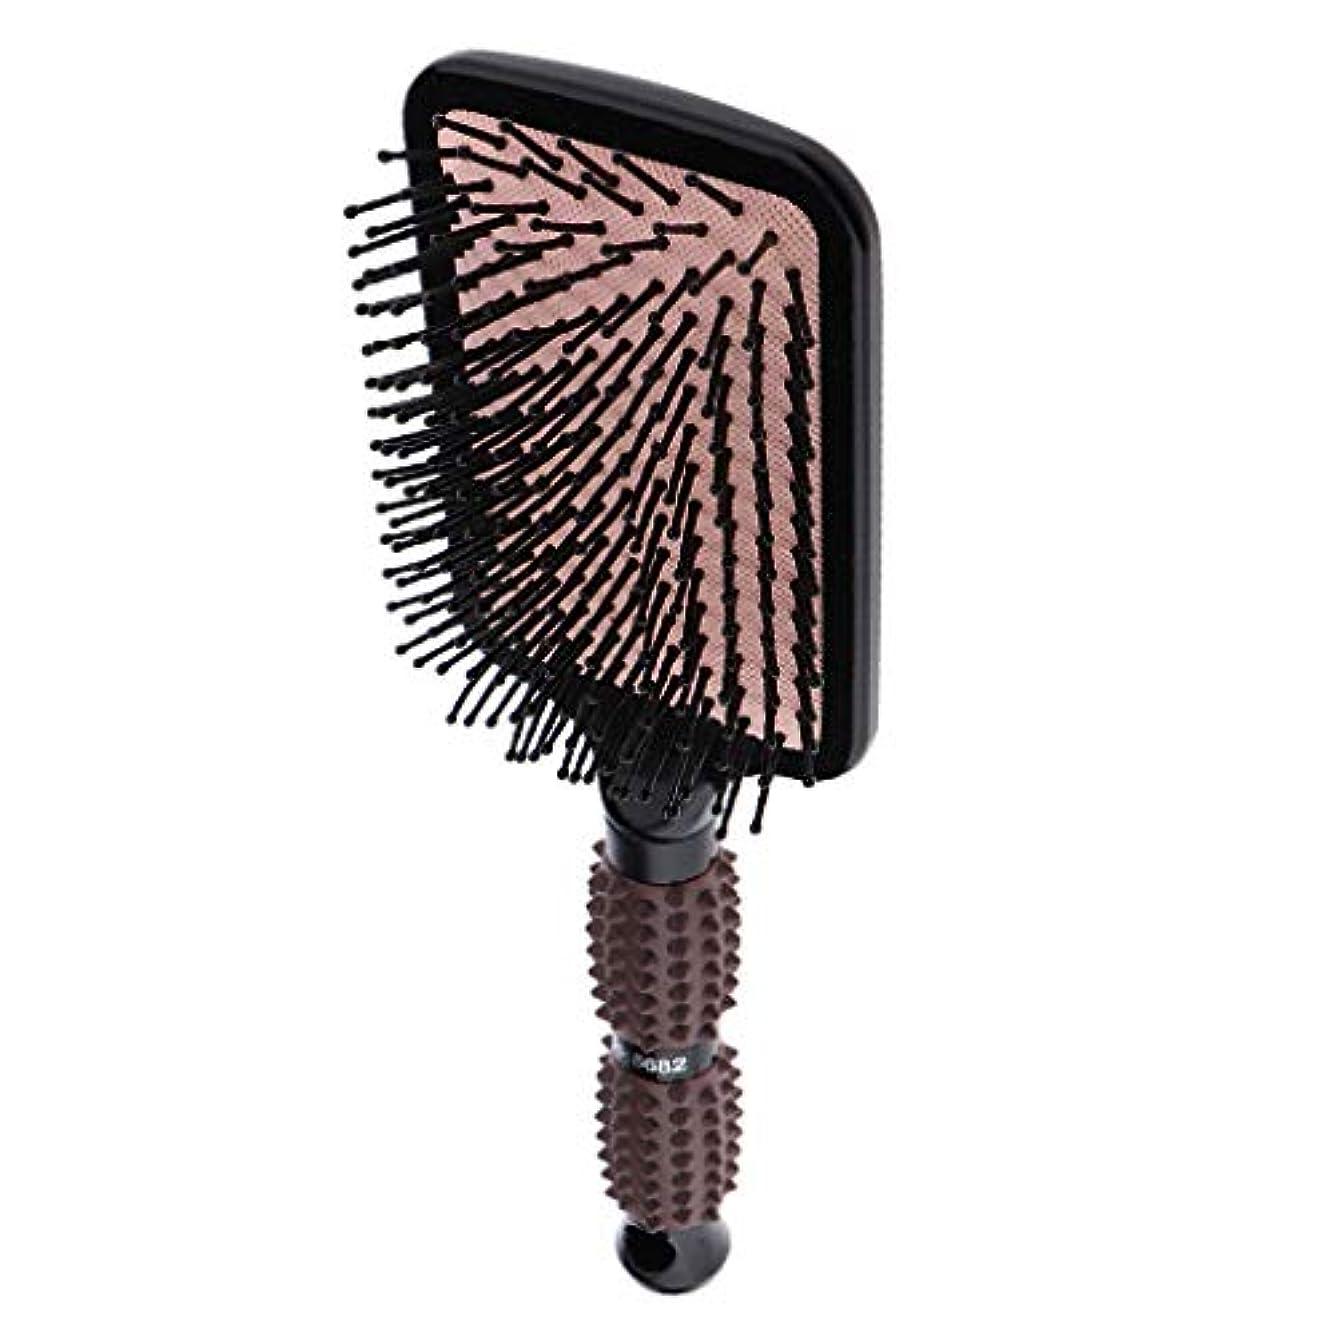 地域の戸口便益Perfeclan ヘアブラシ 櫛 くし 頭皮/肩/顔マッサージコーム 美髪ケア 血行促進 薄毛改善 全2サイズ - スクエア